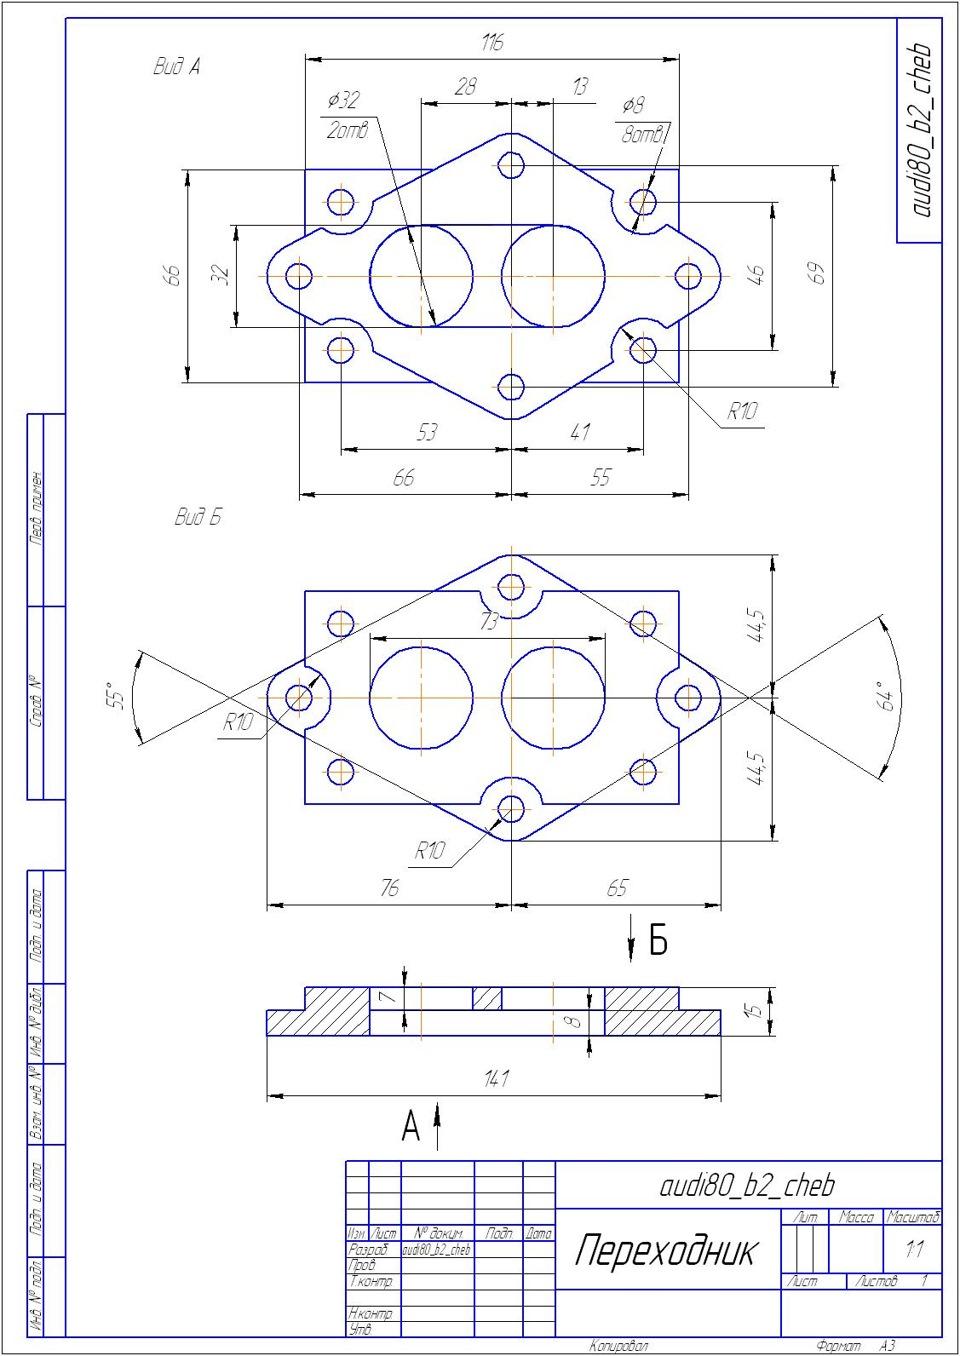 Схема подключения карбюратора солекс на ауди 100